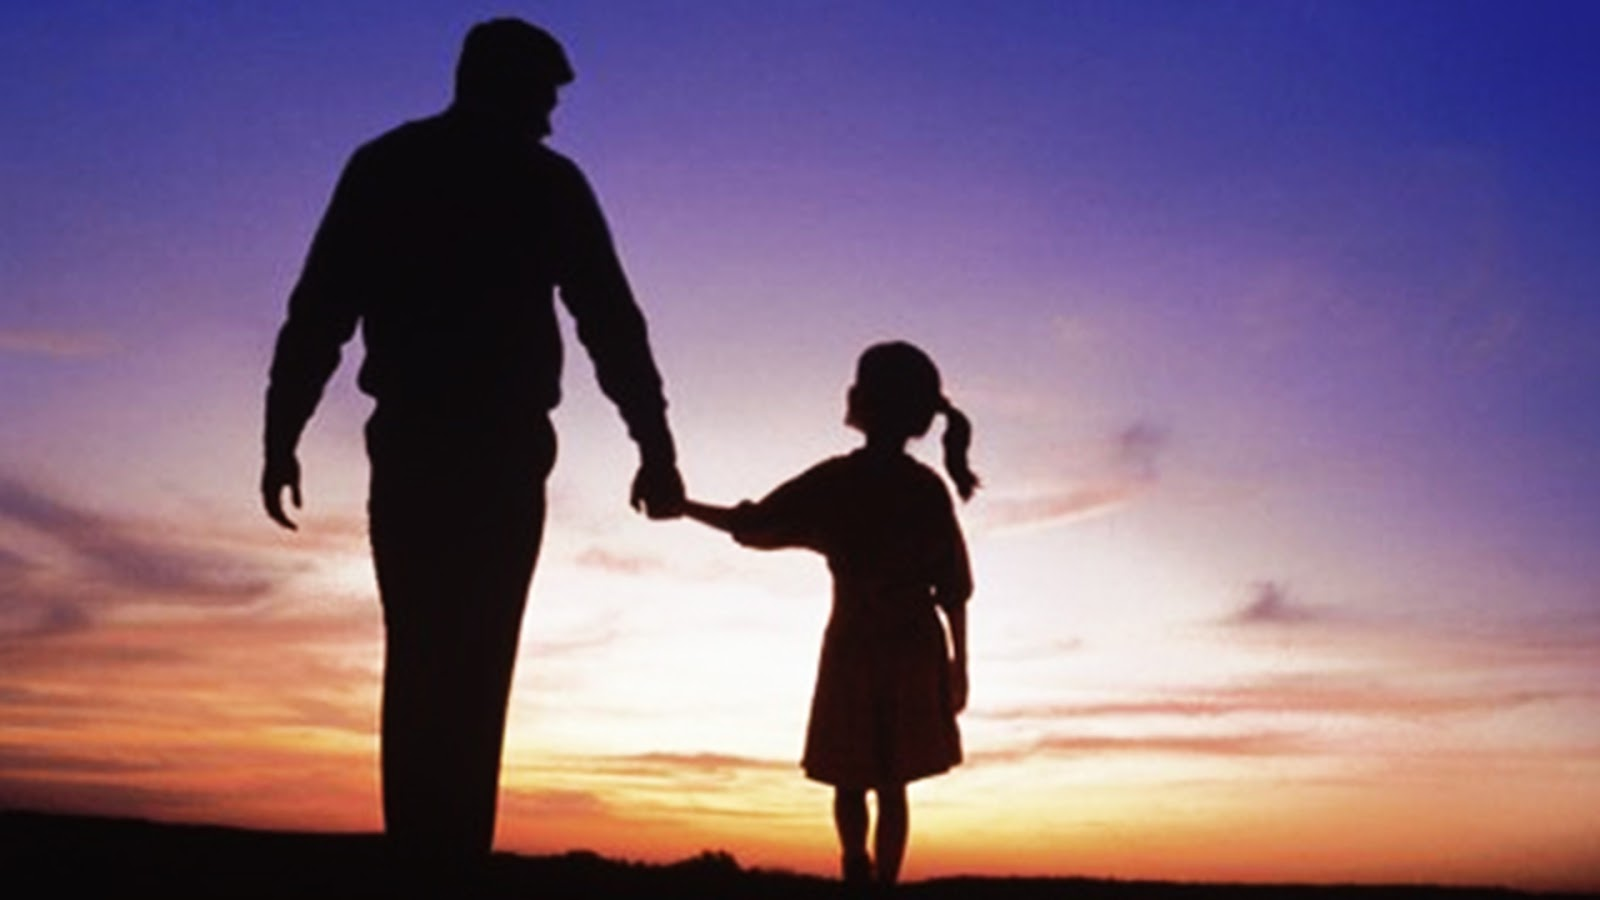 cha luôn yêu thương và dìu dắt con gái bé bỏng